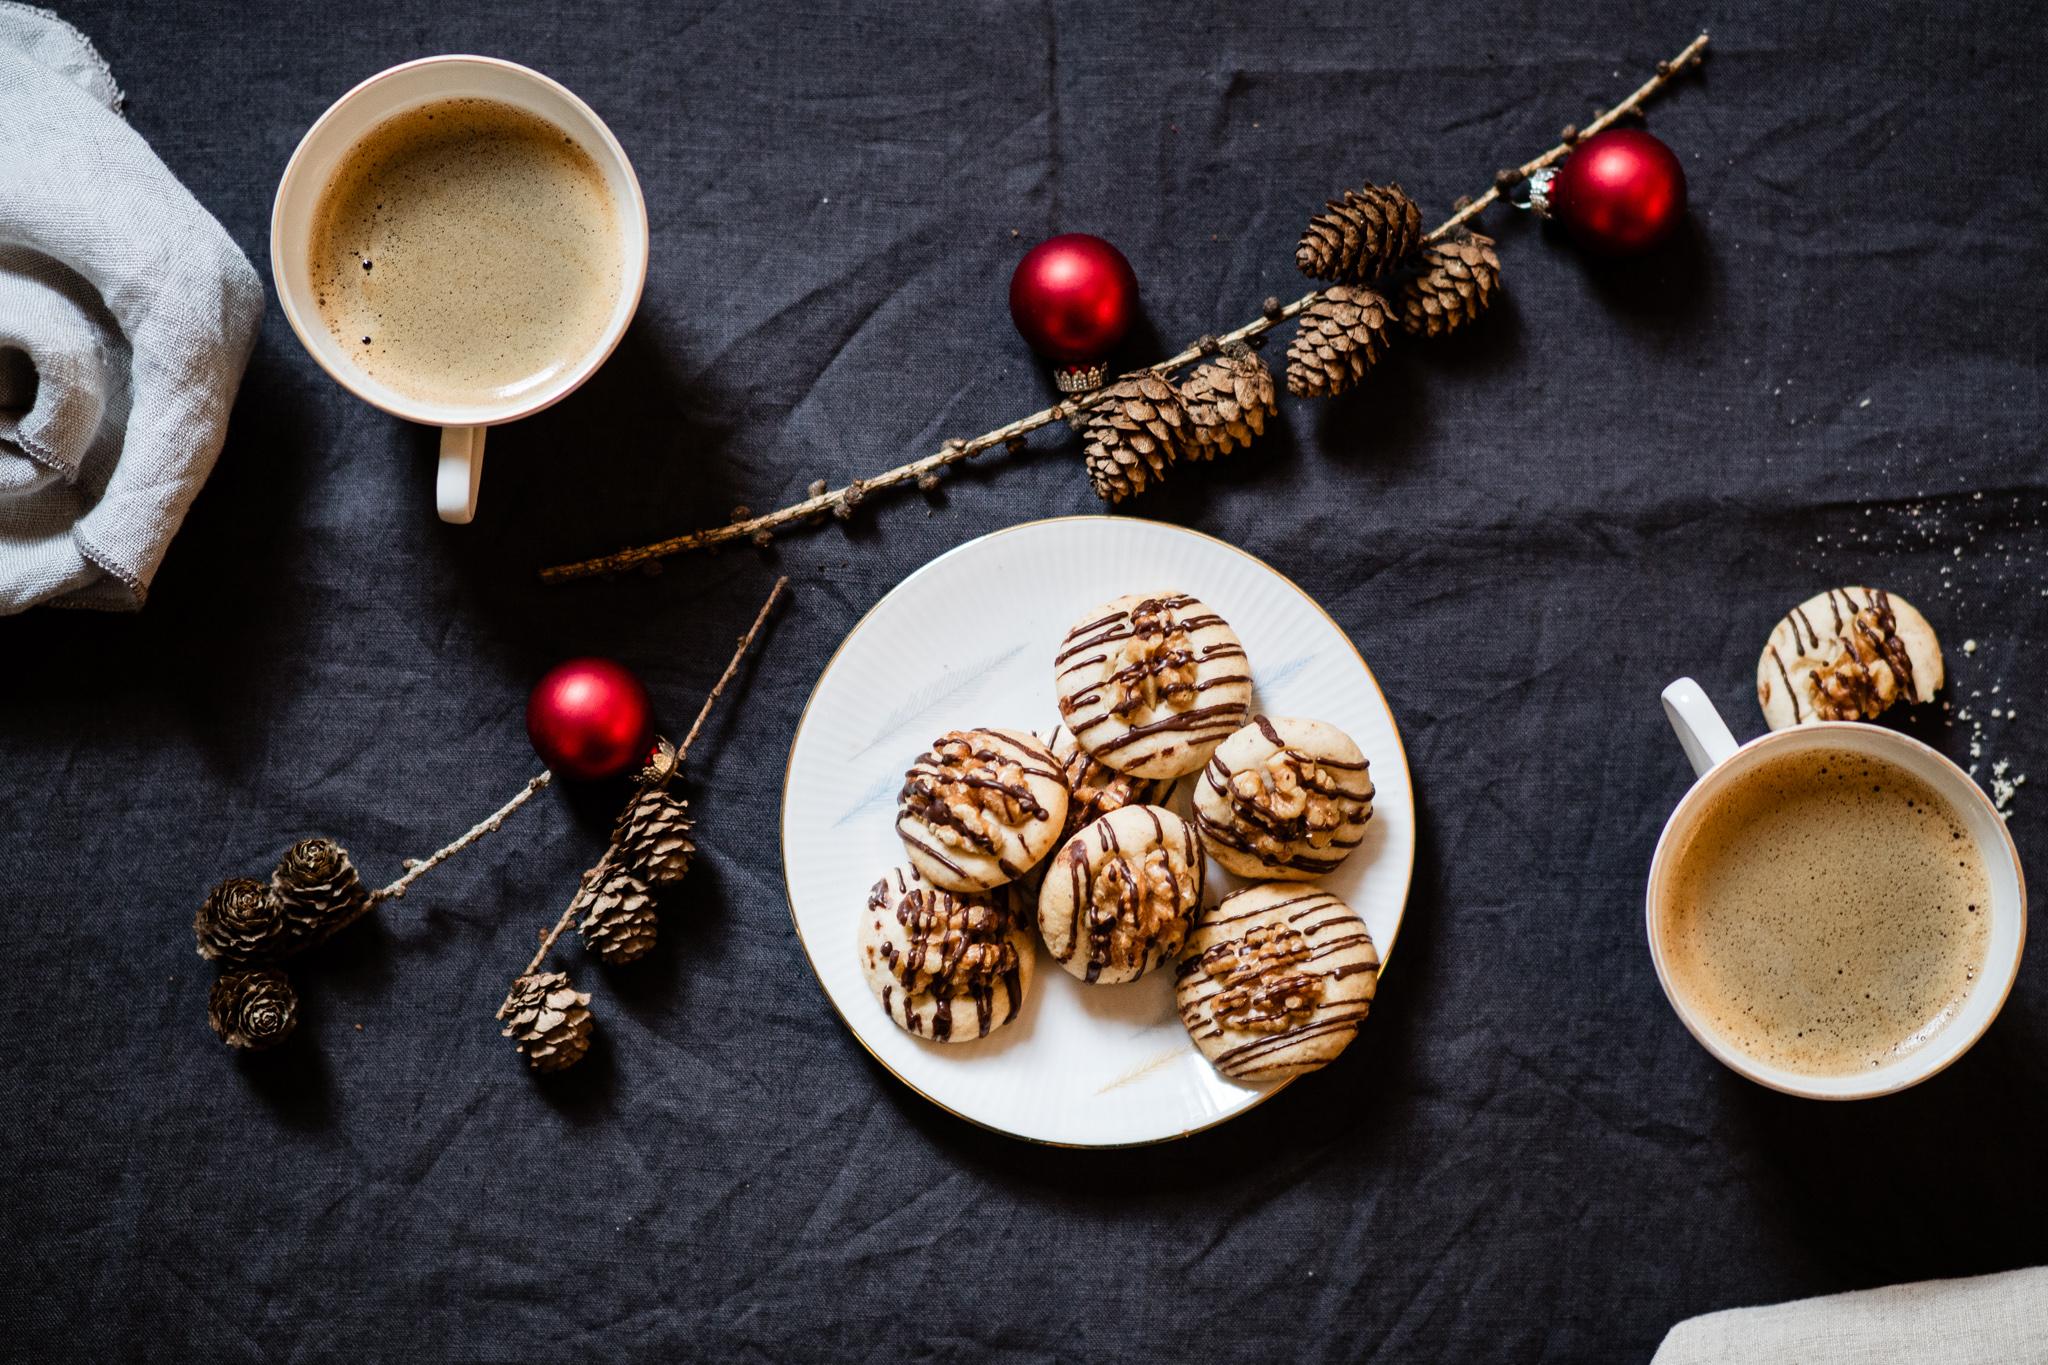 Kekse_Tannenzapfen_Kaffee_Weihnachten